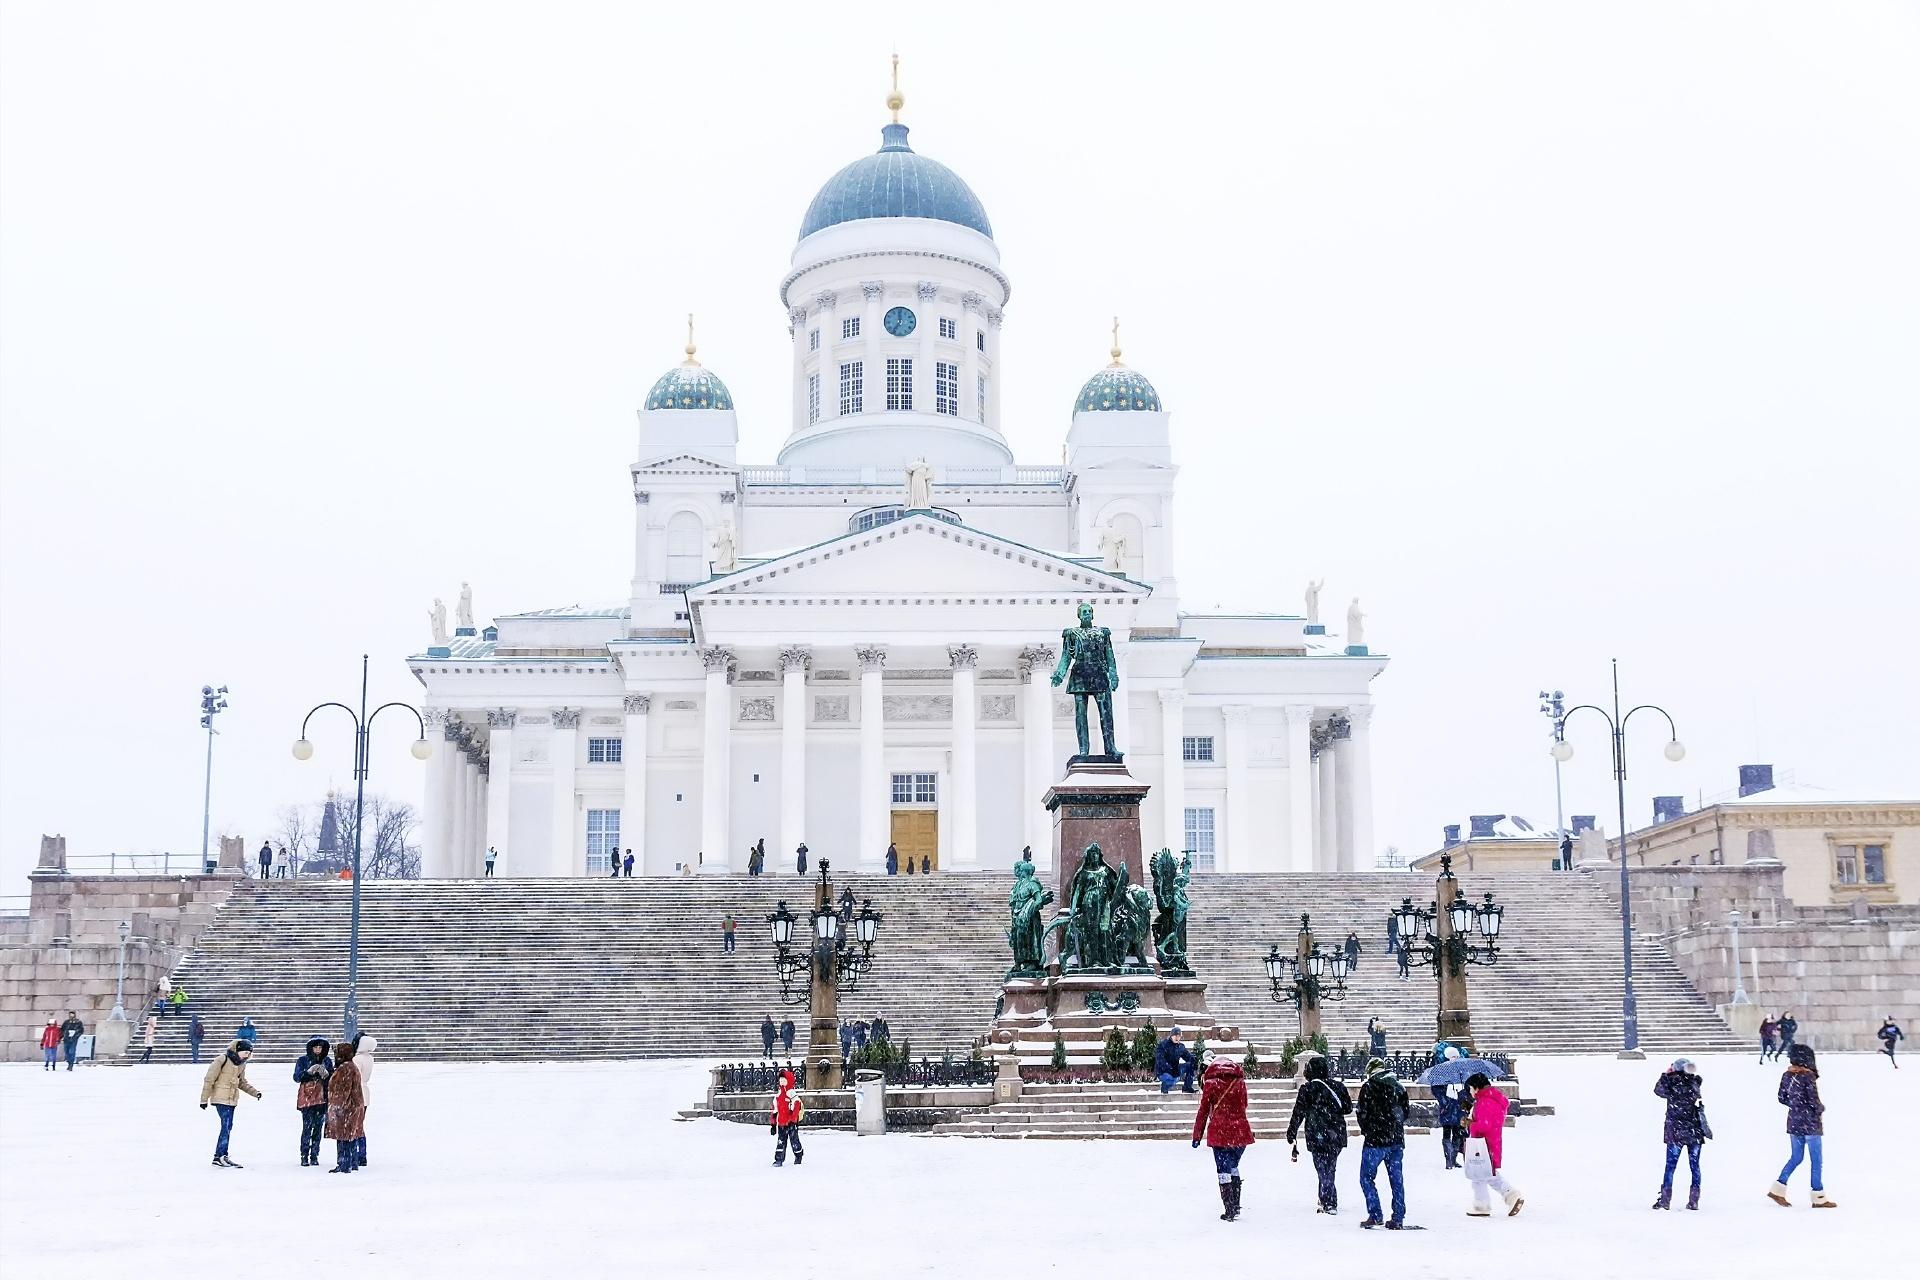 冬のヘルシンキ大聖堂とヘルシンキ元老院広場 フィンランドの風景